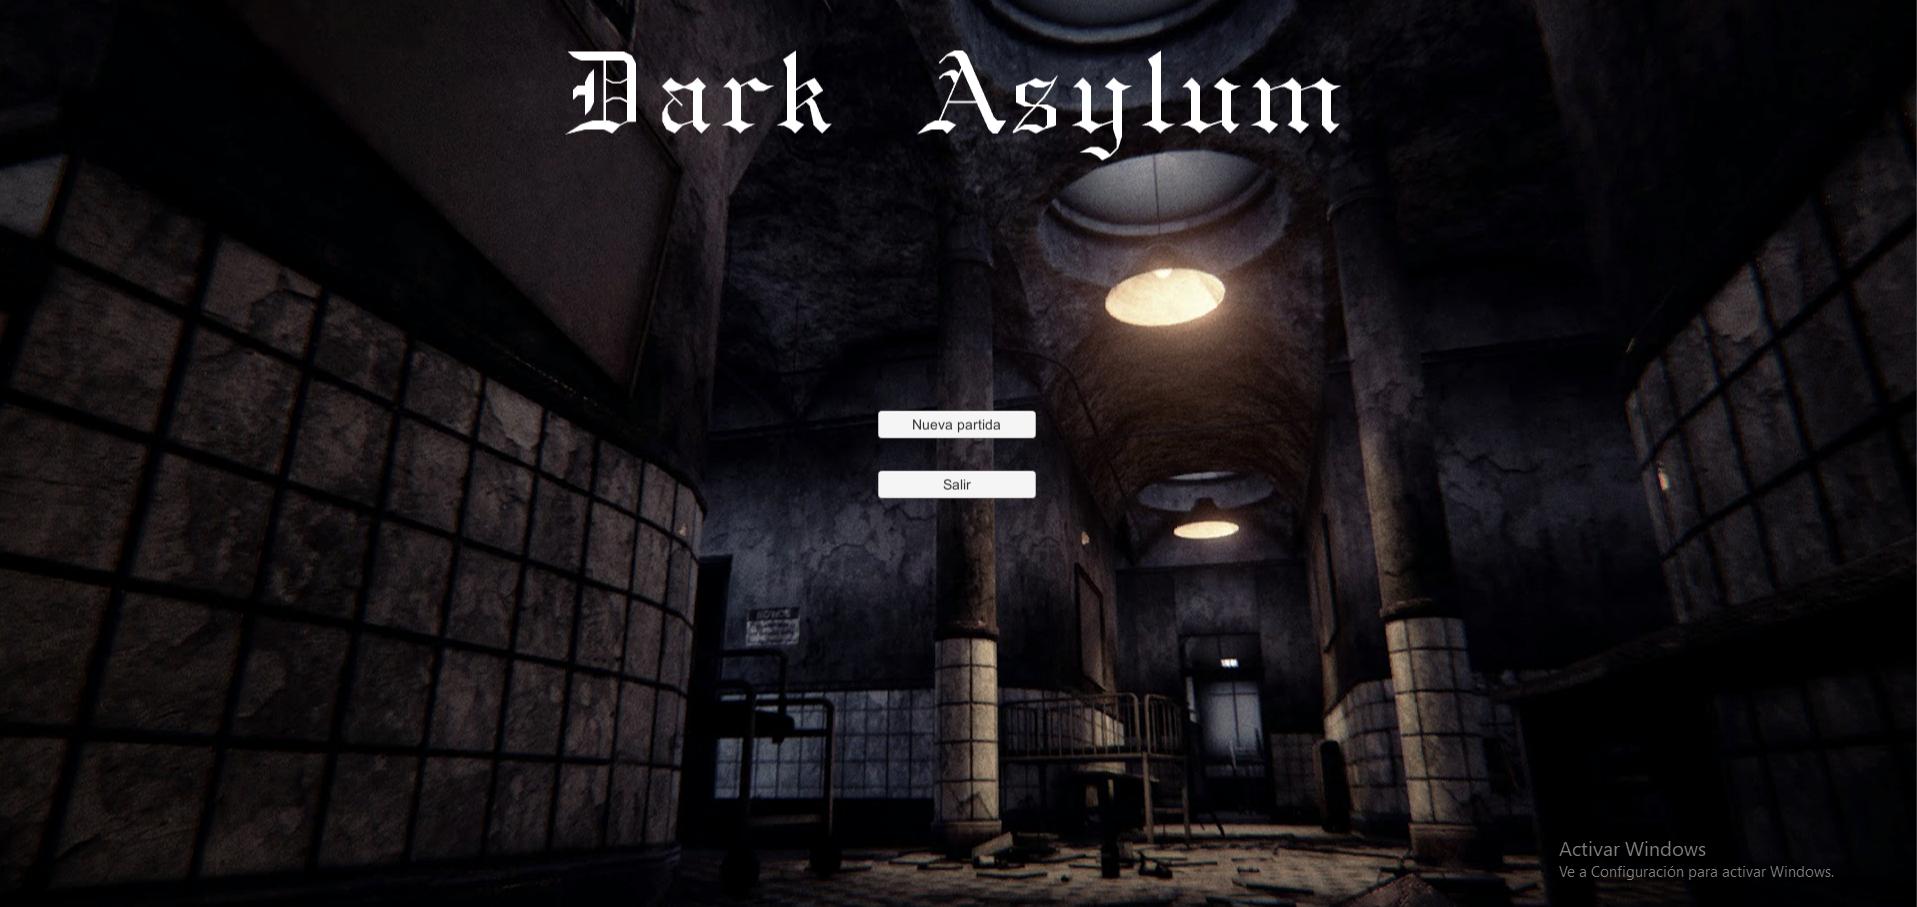 Juego de aventuras (Dark Asylum)